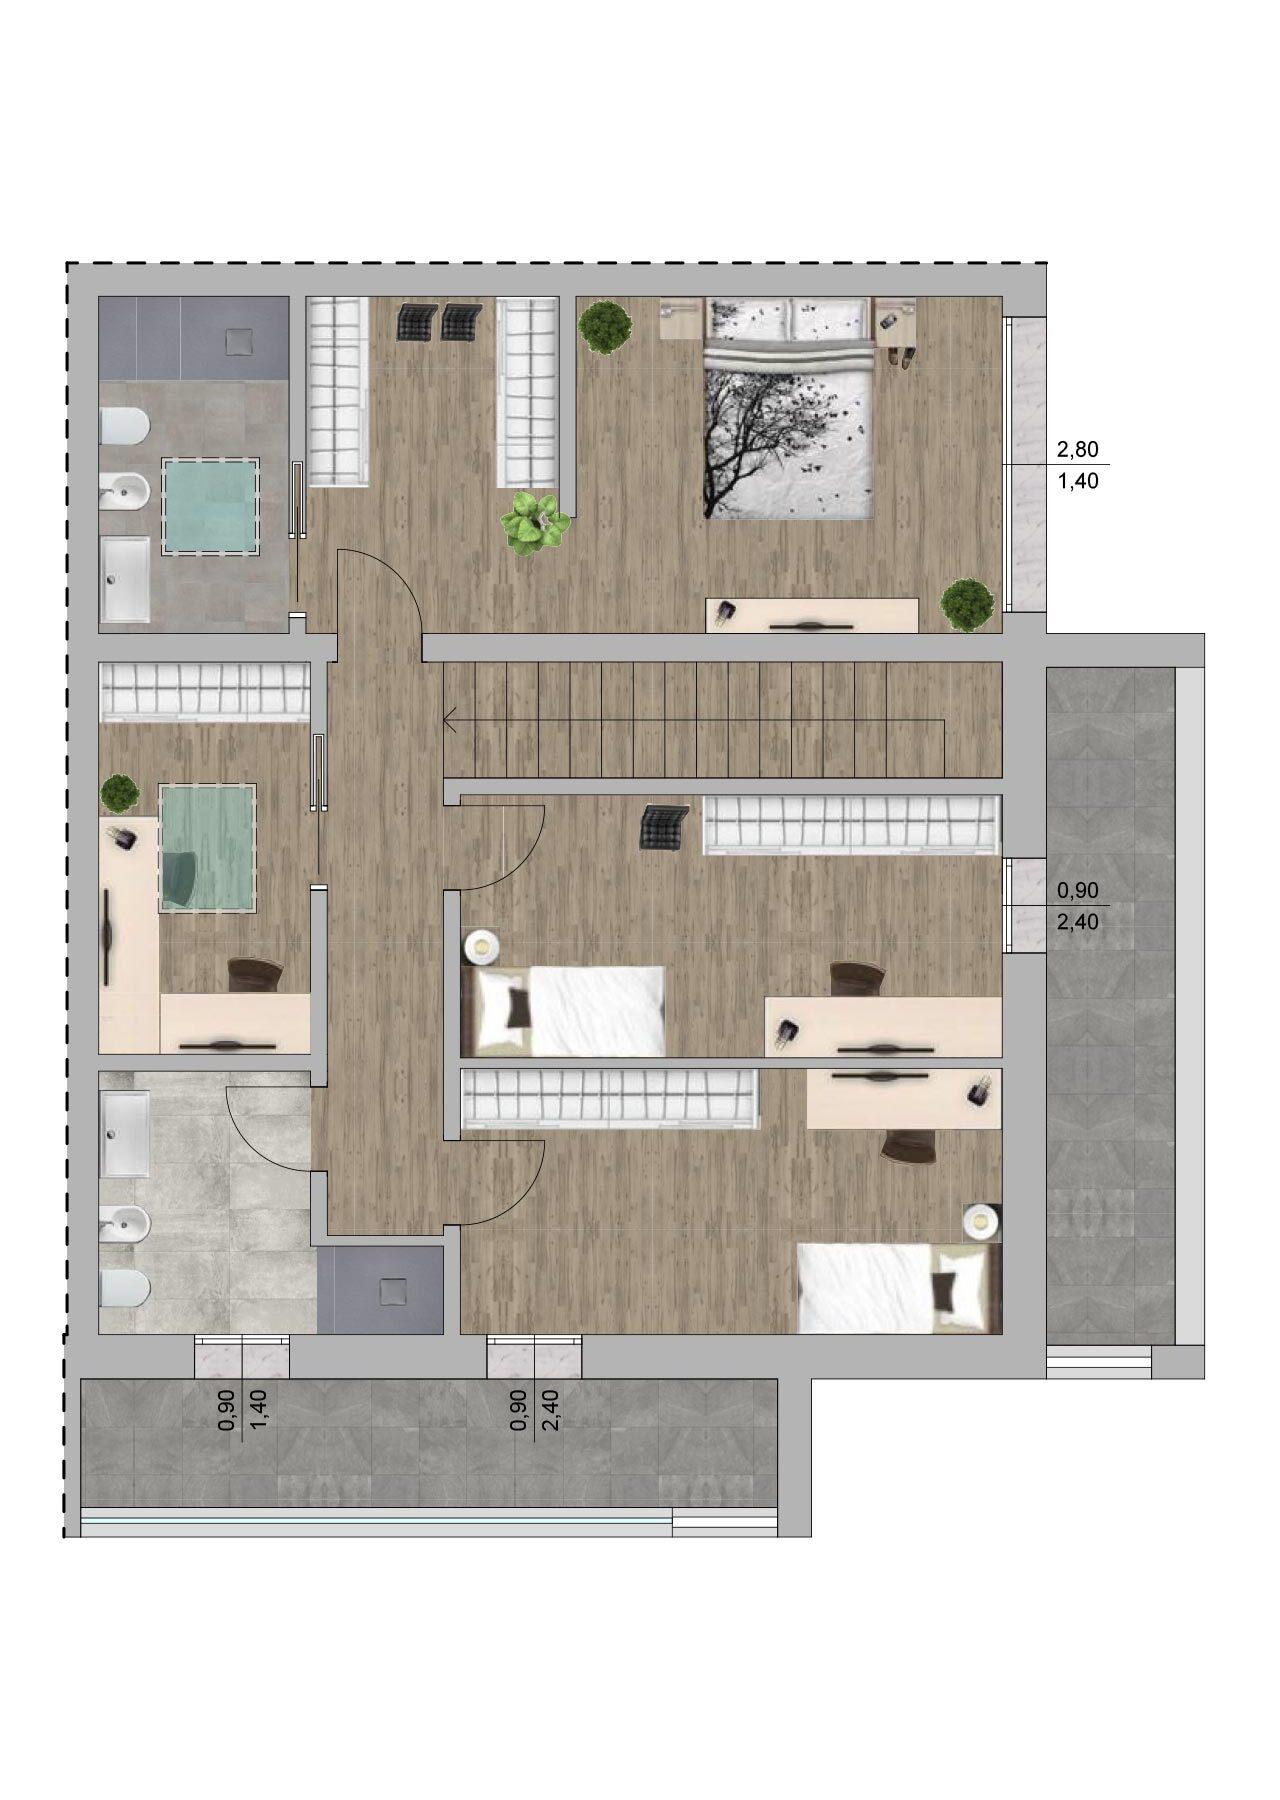 Planimetria nuova costruzione Massanzago Padova porzione 2 piano primo, Fam Real Estate